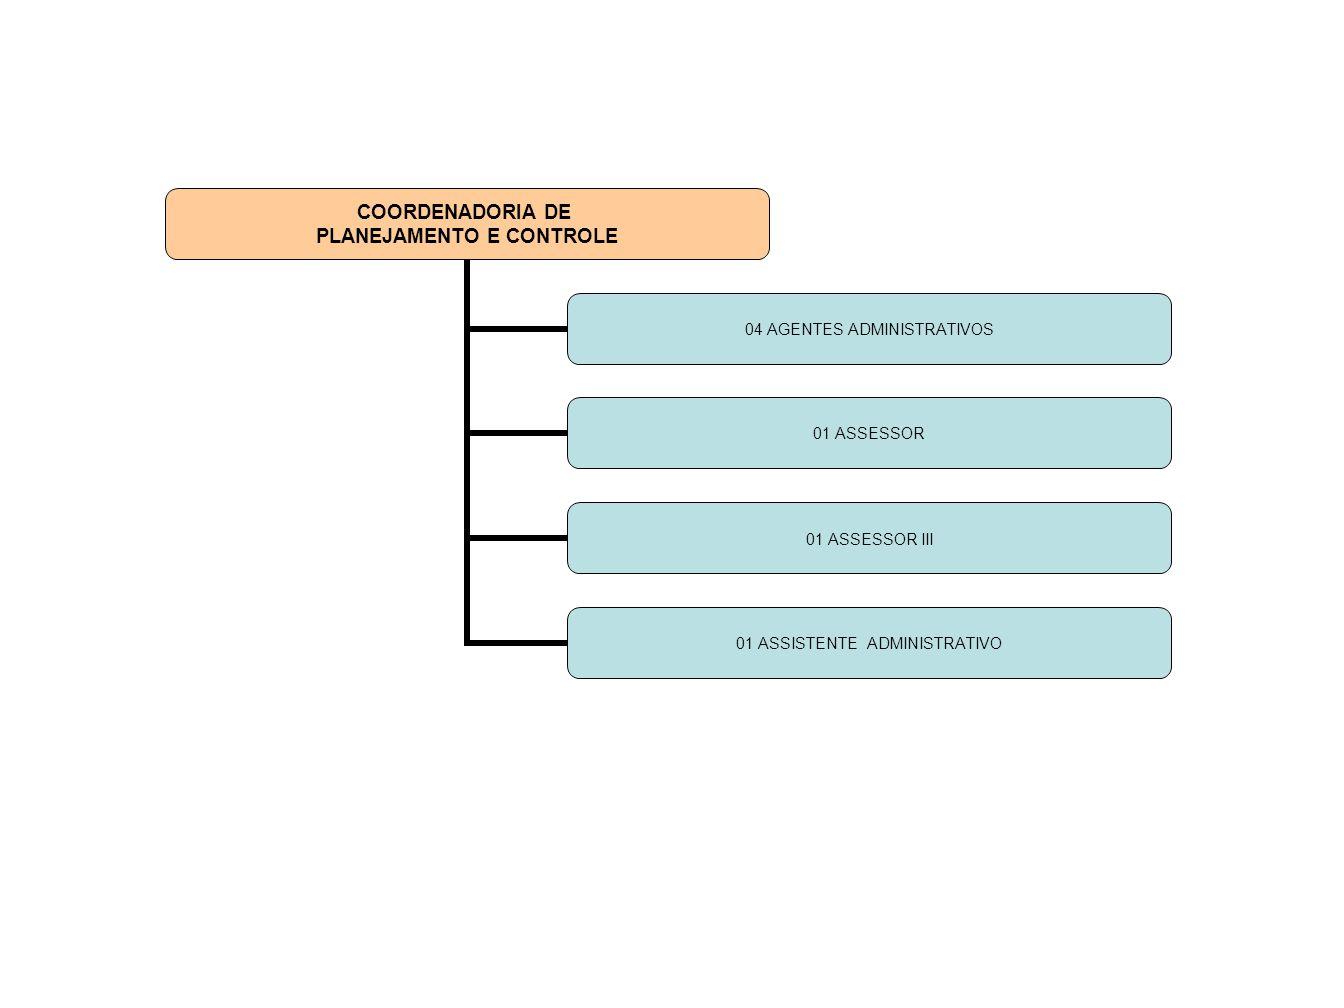 COORDENADORIA DE PLANEJAMENTO E CONTROLE 04 AGENTES ADMINISTRATIVOS 01 ASSESSOR 01 ASSESSOR III 01 ASSISTENTE ADMINISTRATIVO